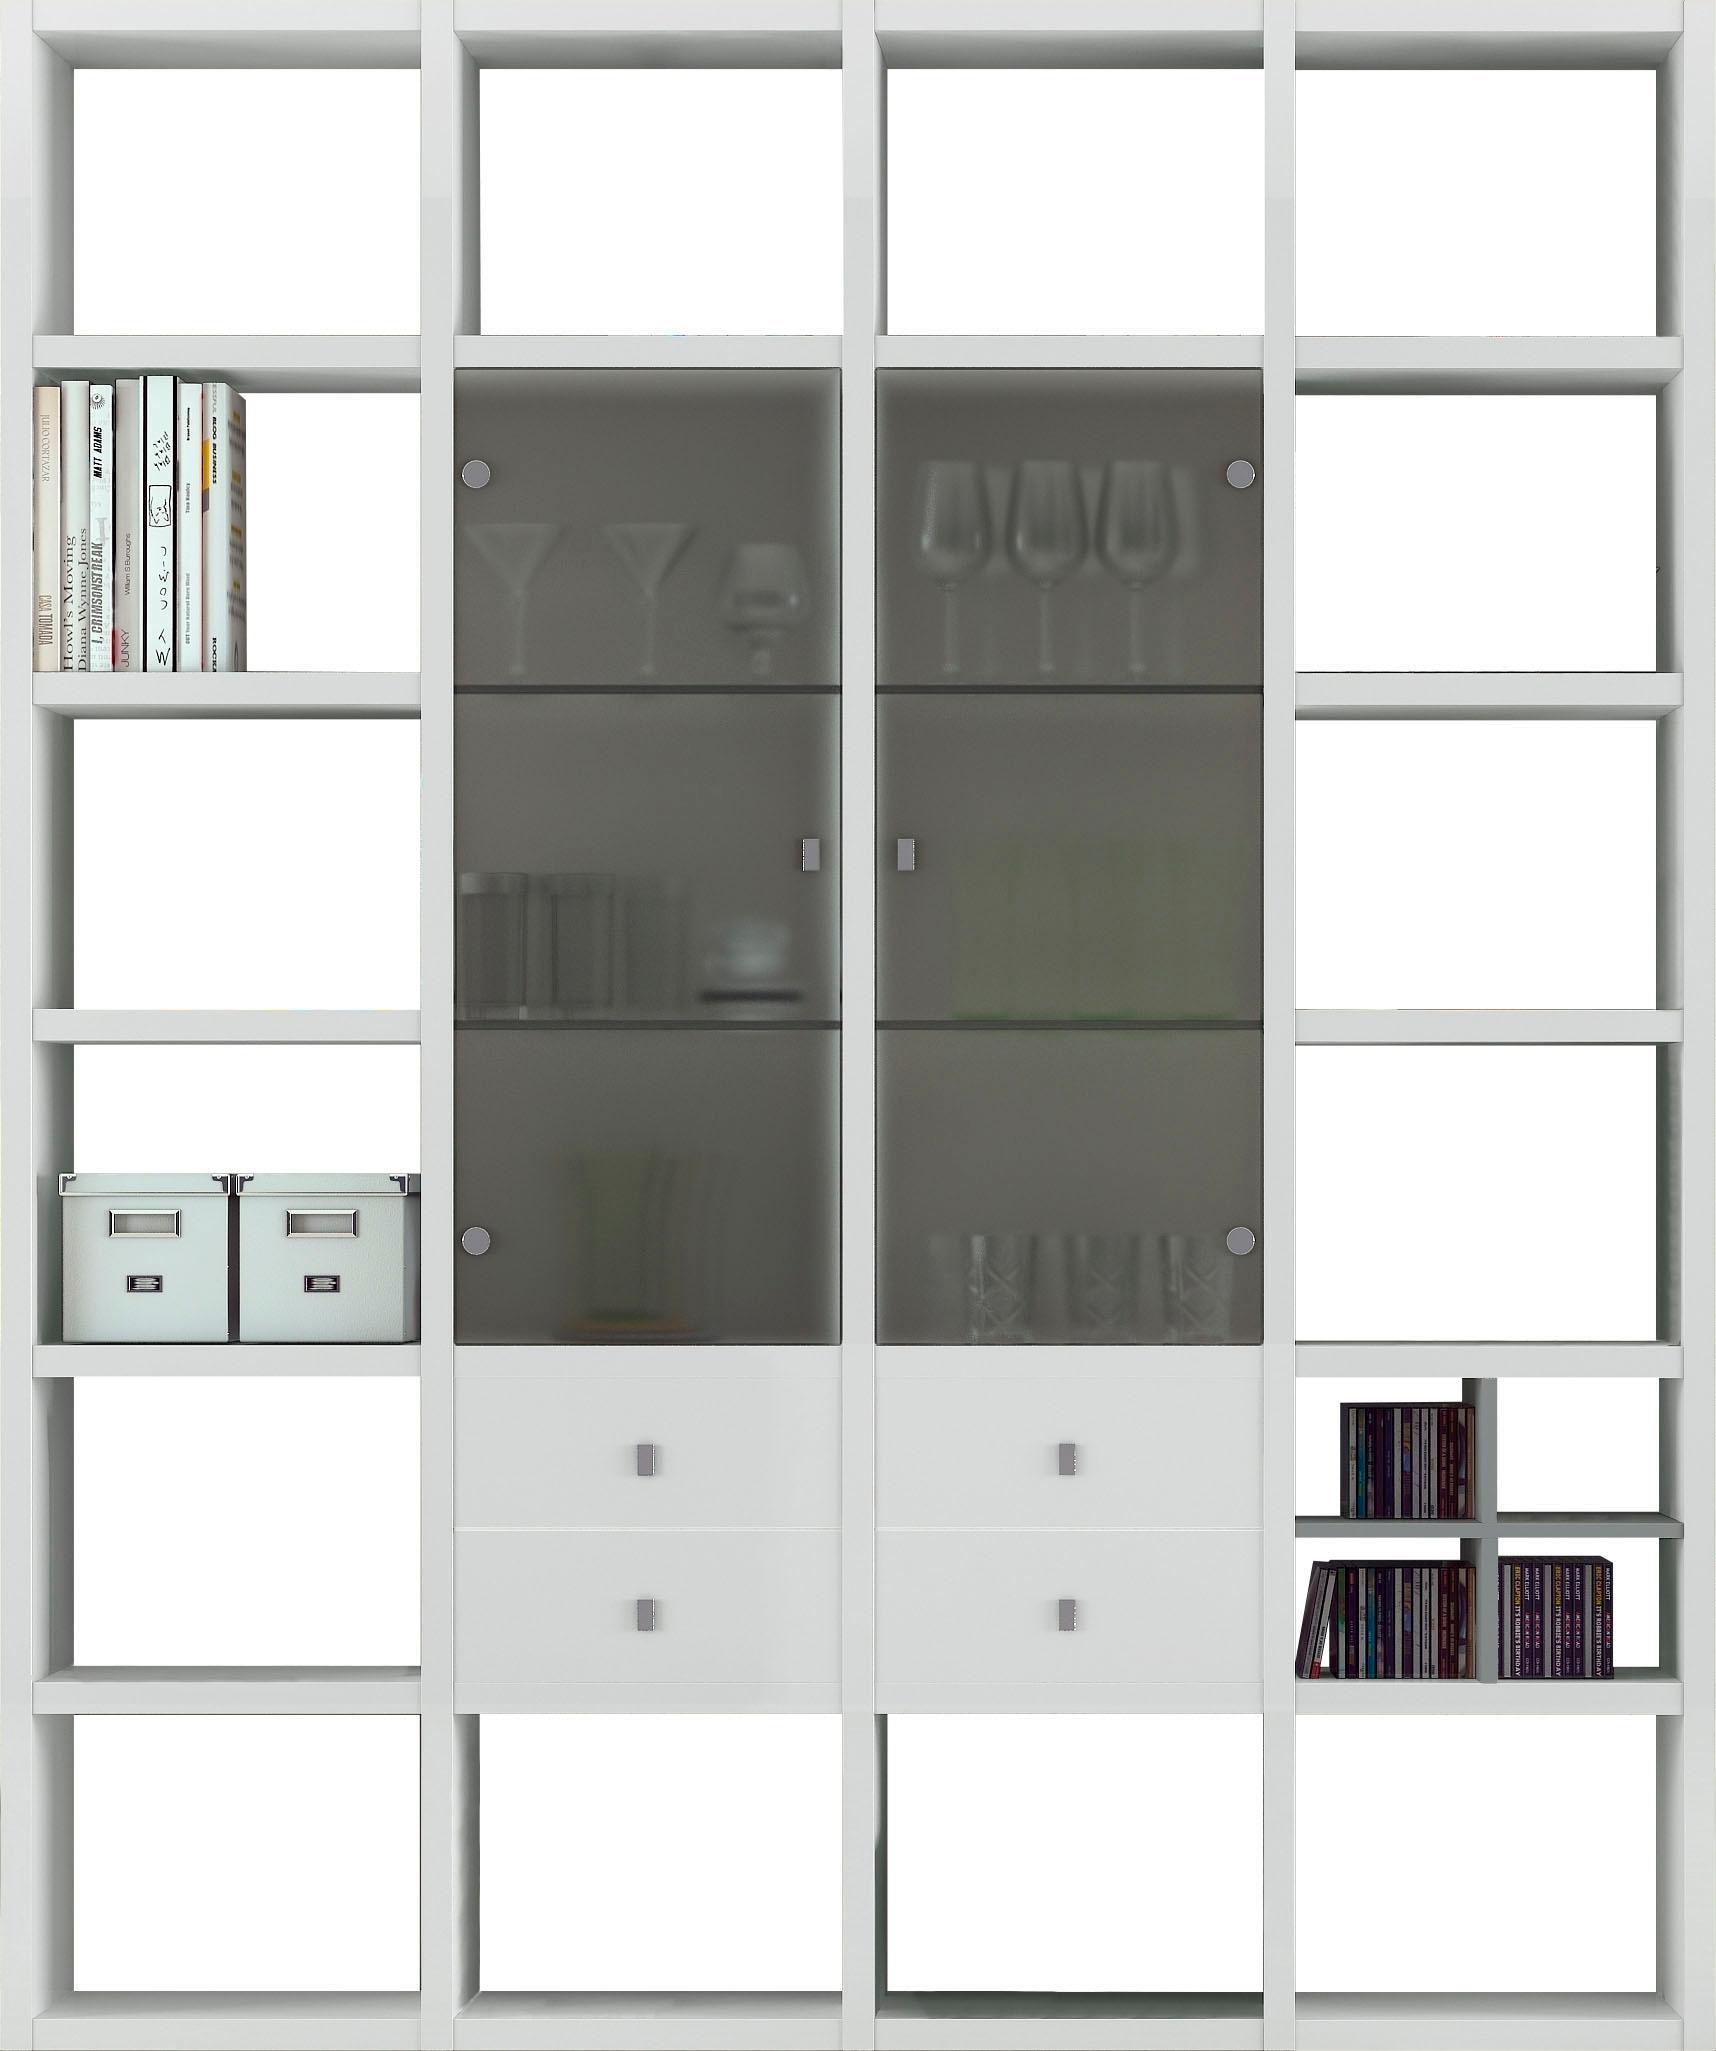 Standregal-Stehregal-Wohnen-Standregale-Regale-Made-In-Germany-Viel-Stauraum Indexbild 3